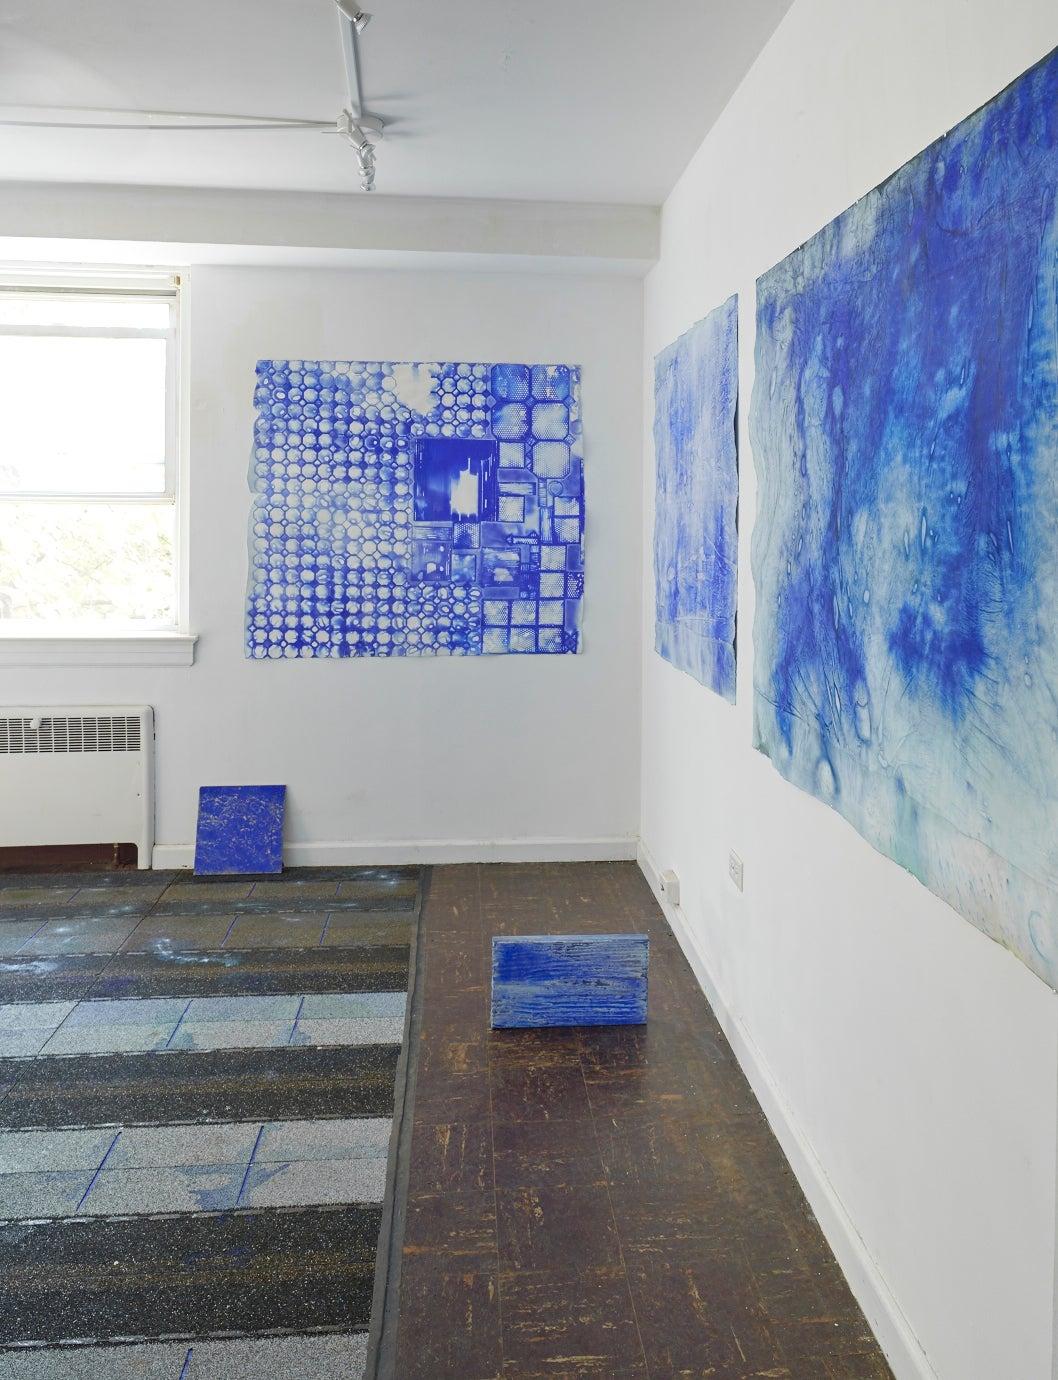 Ellen Hackl Fagan, Seeking the Sound of Cobalt Blue_Delft, 2015, Rag Paper - Abstract Expressionist Art by Ellen Hackl Fagan